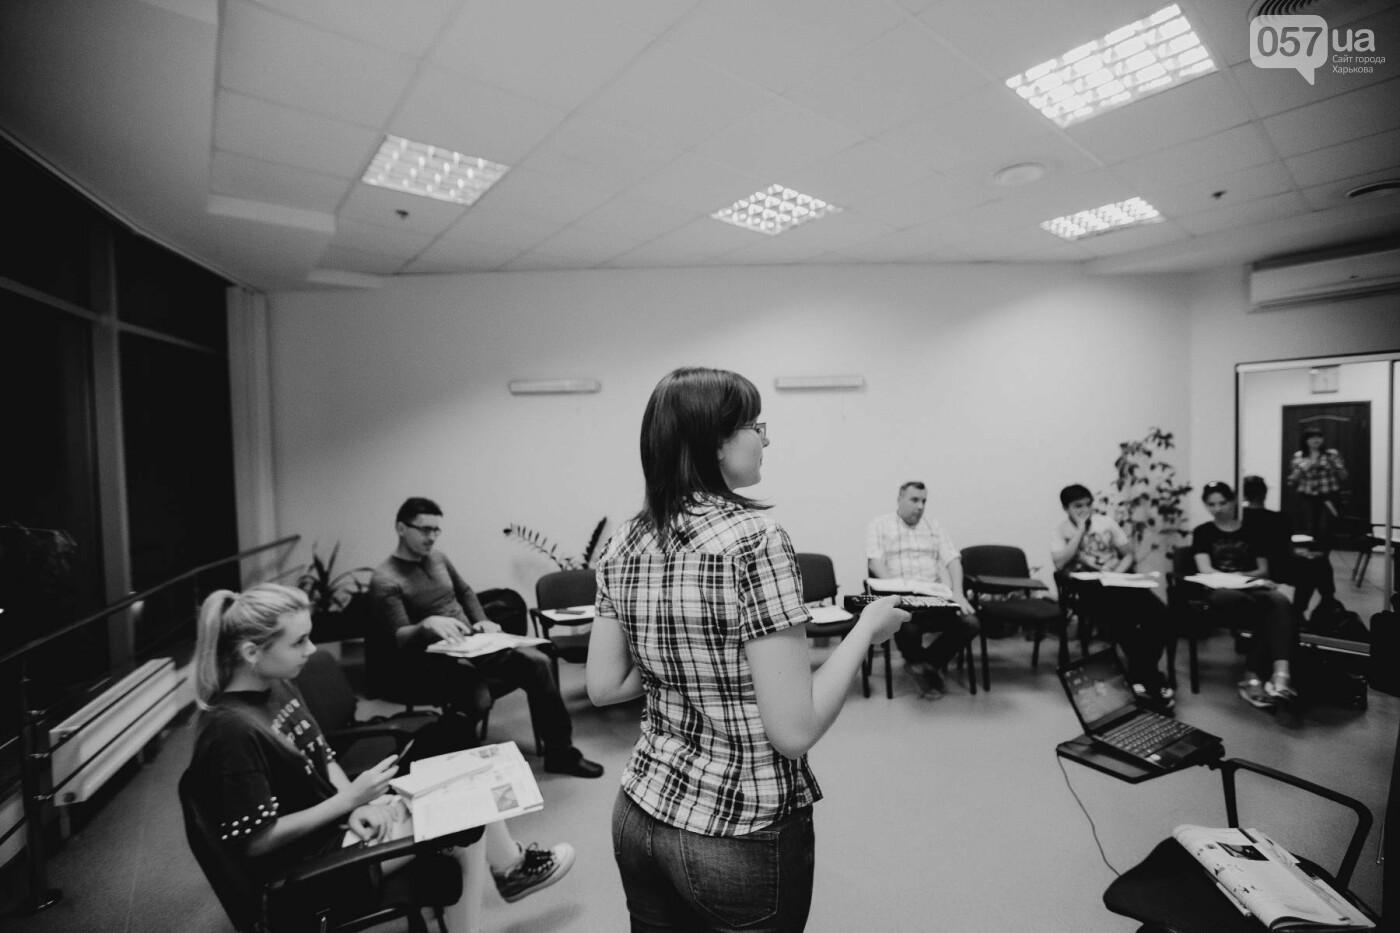 Курсы английского в Харькове ᐈ куда пойти учить английский?, фото-75